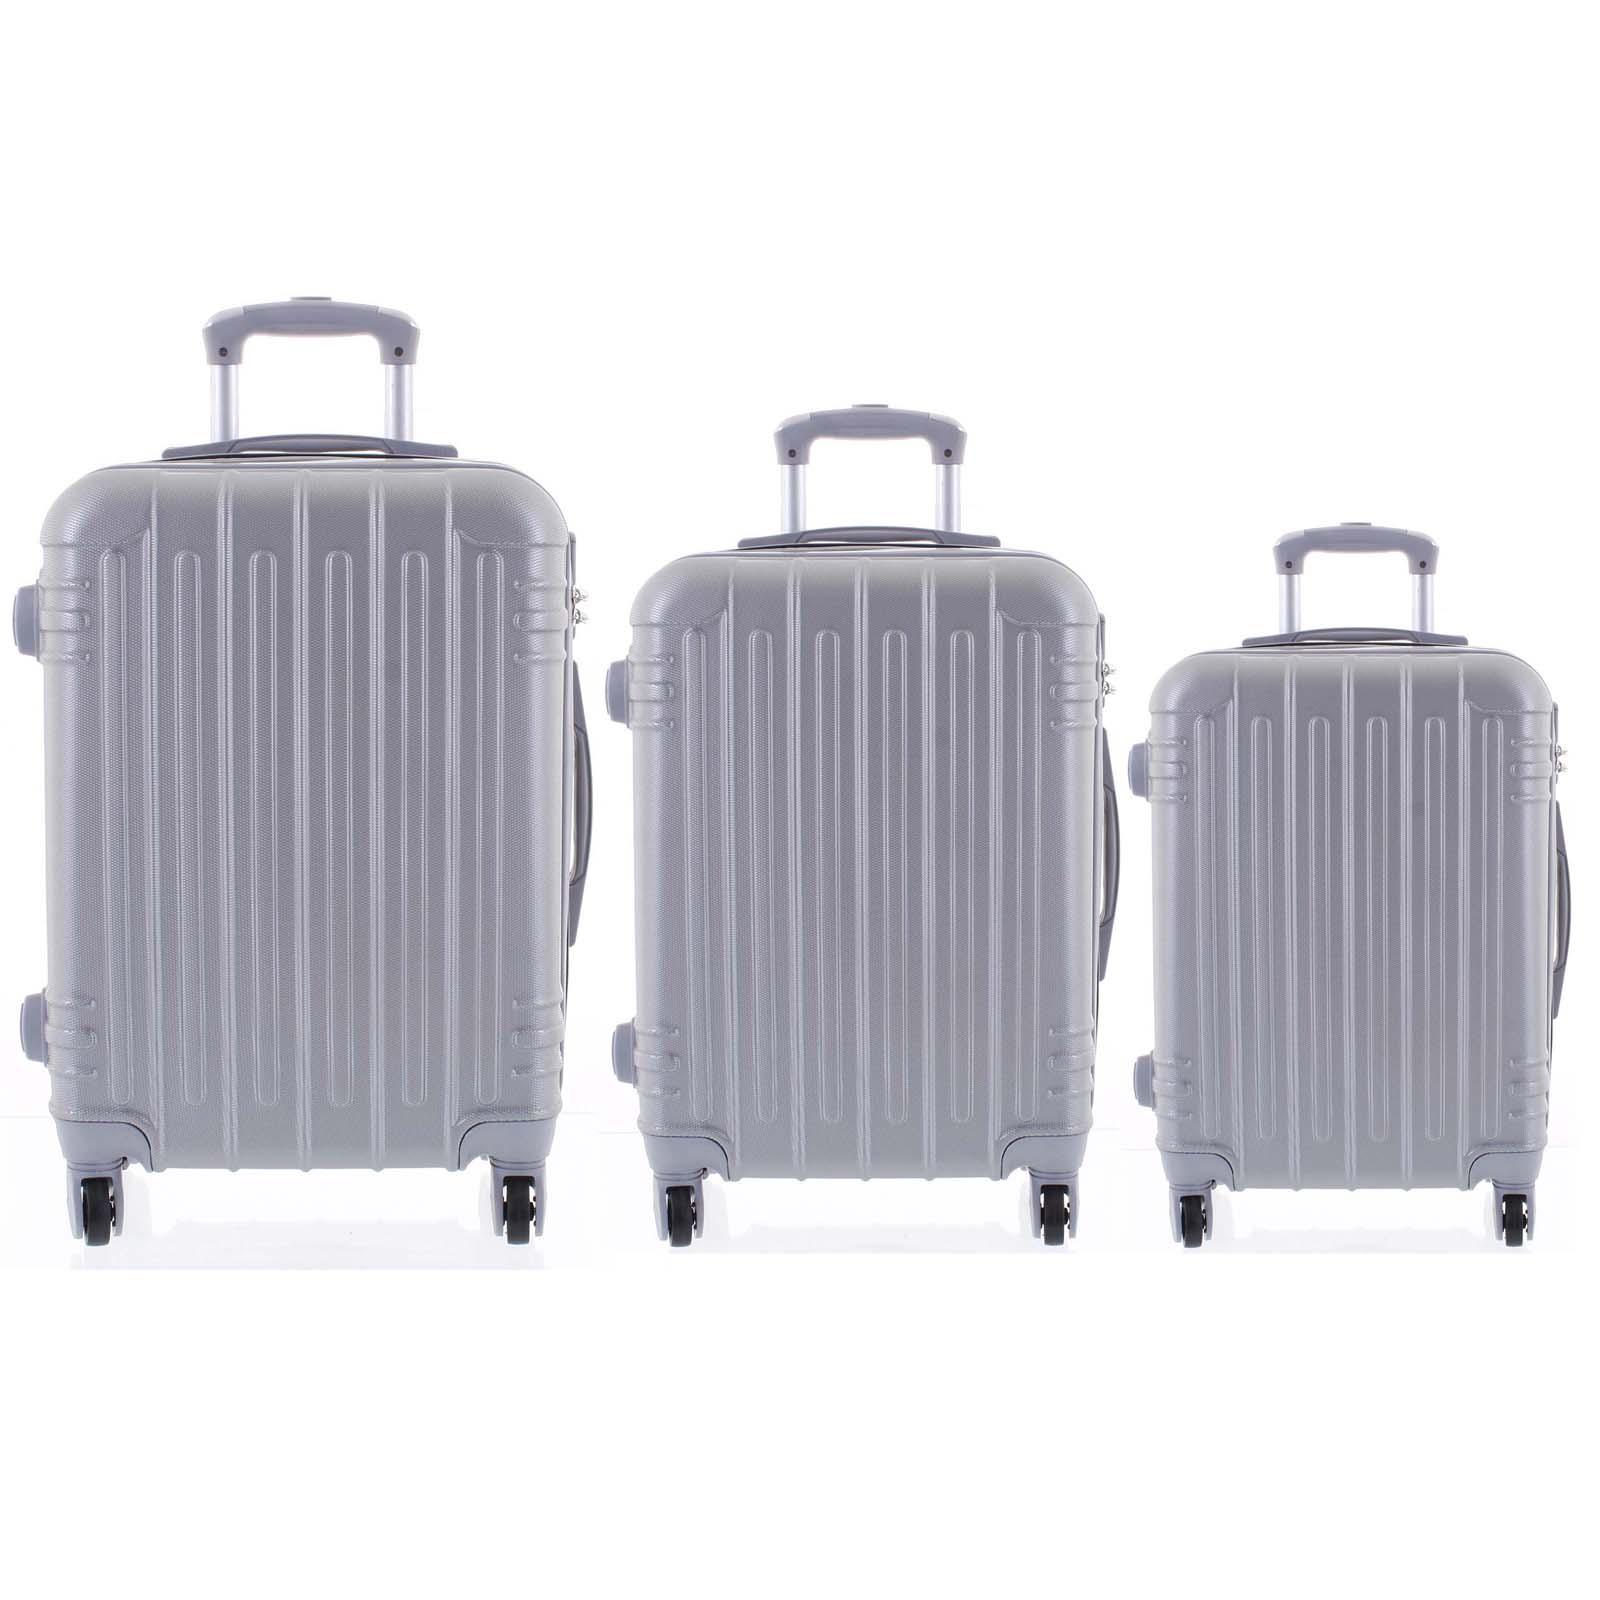 Moderní stříbrný skořepinový cestovní kufr sada - Ormi Dopp S, M, L